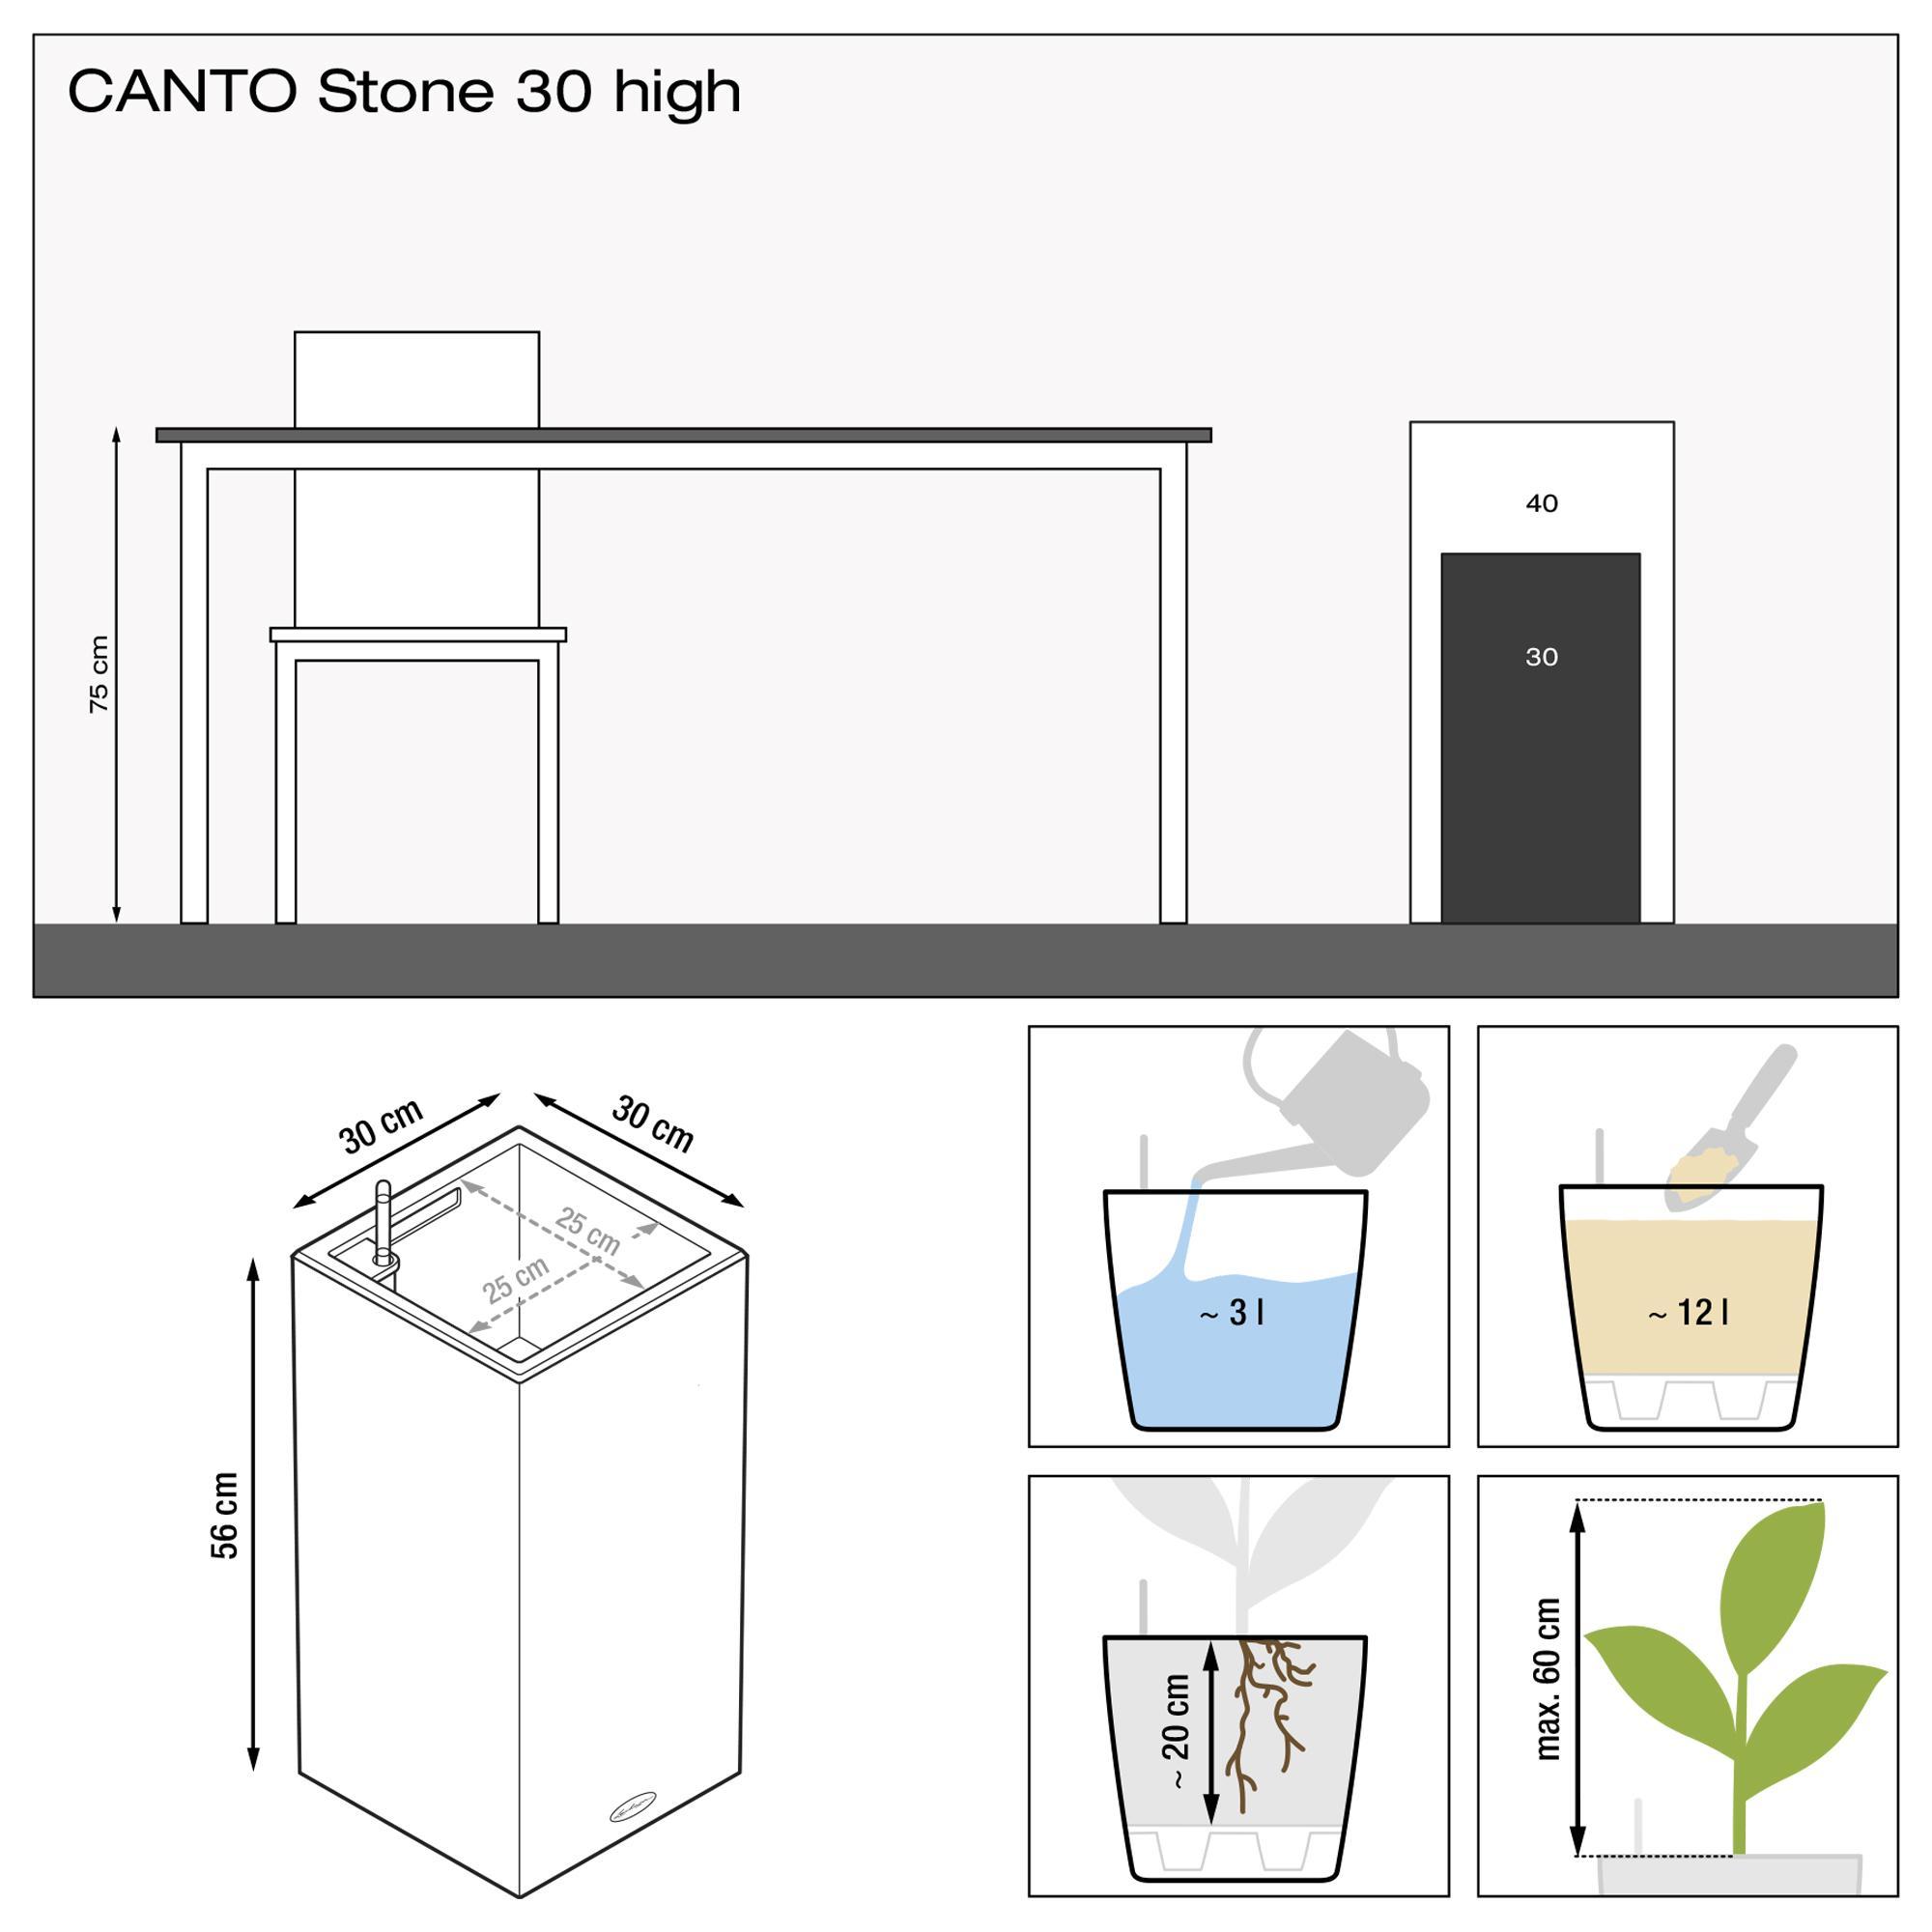 le_canto-stone-saeule30_product_addi_nz